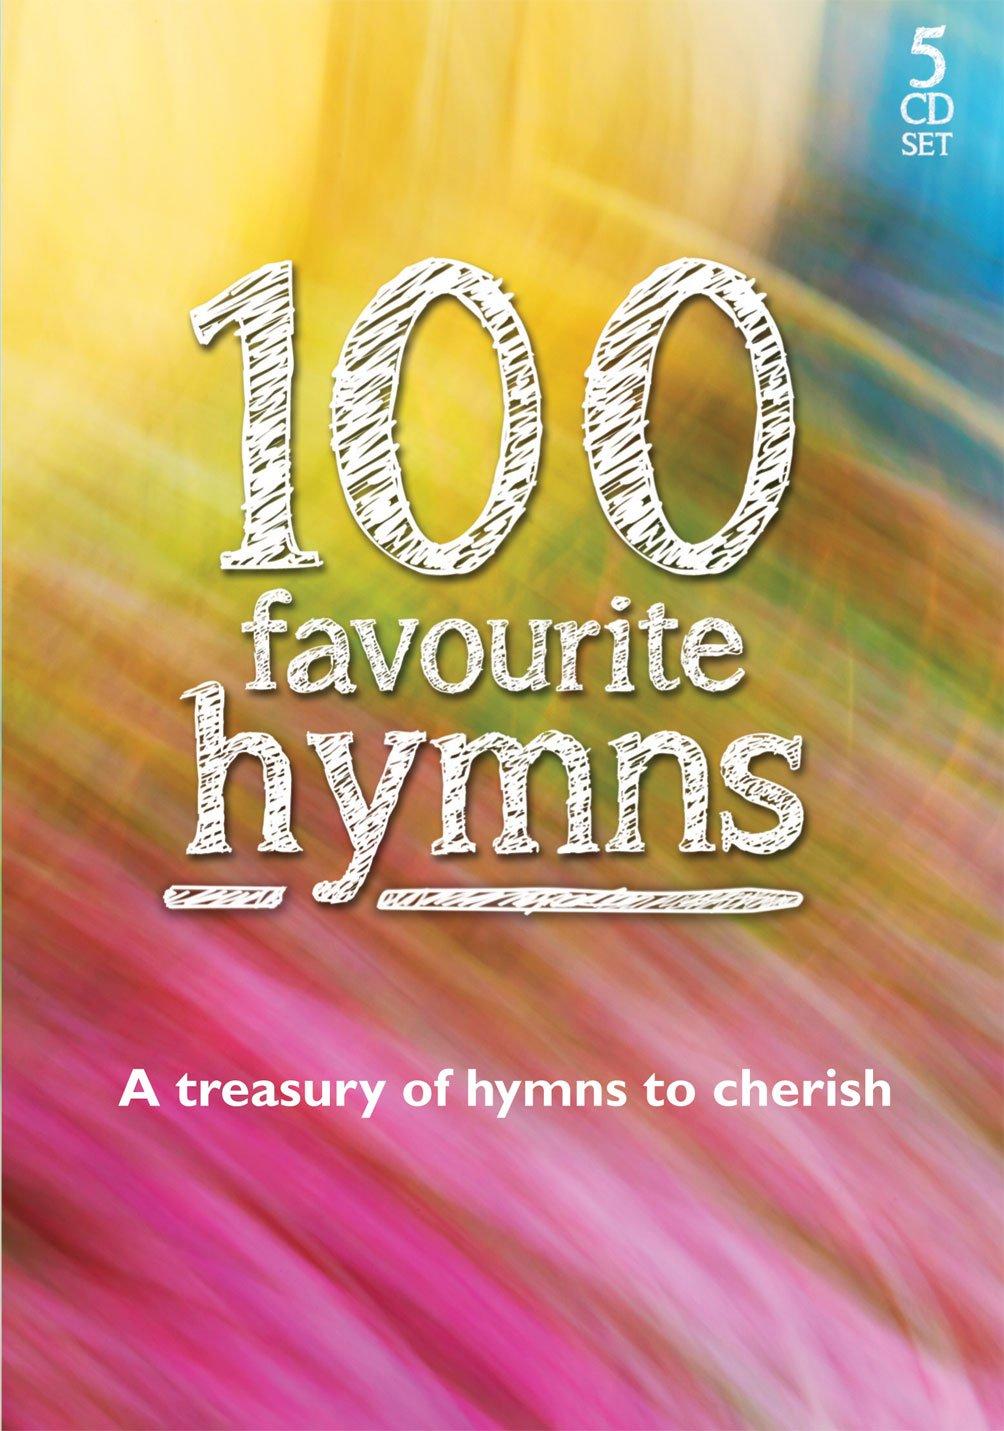 100 Favourite Hymns 5 CDセット B00OA0RJ8M